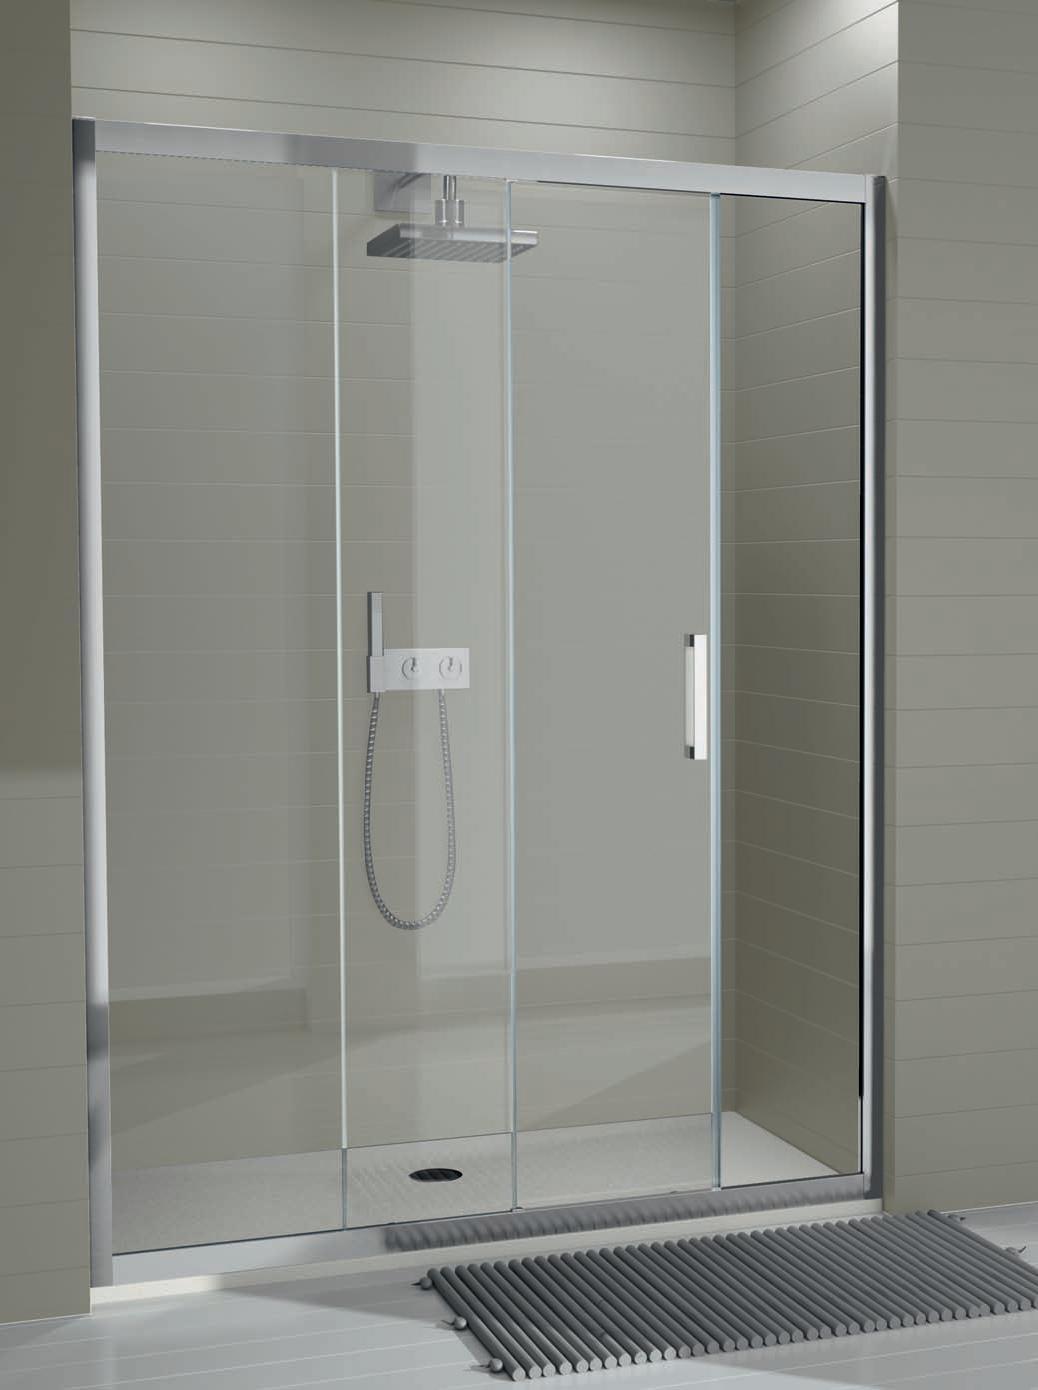 Mamparas Para Baño En Rosario:Cómo mantener en buenas condiciones las mamparas de baño